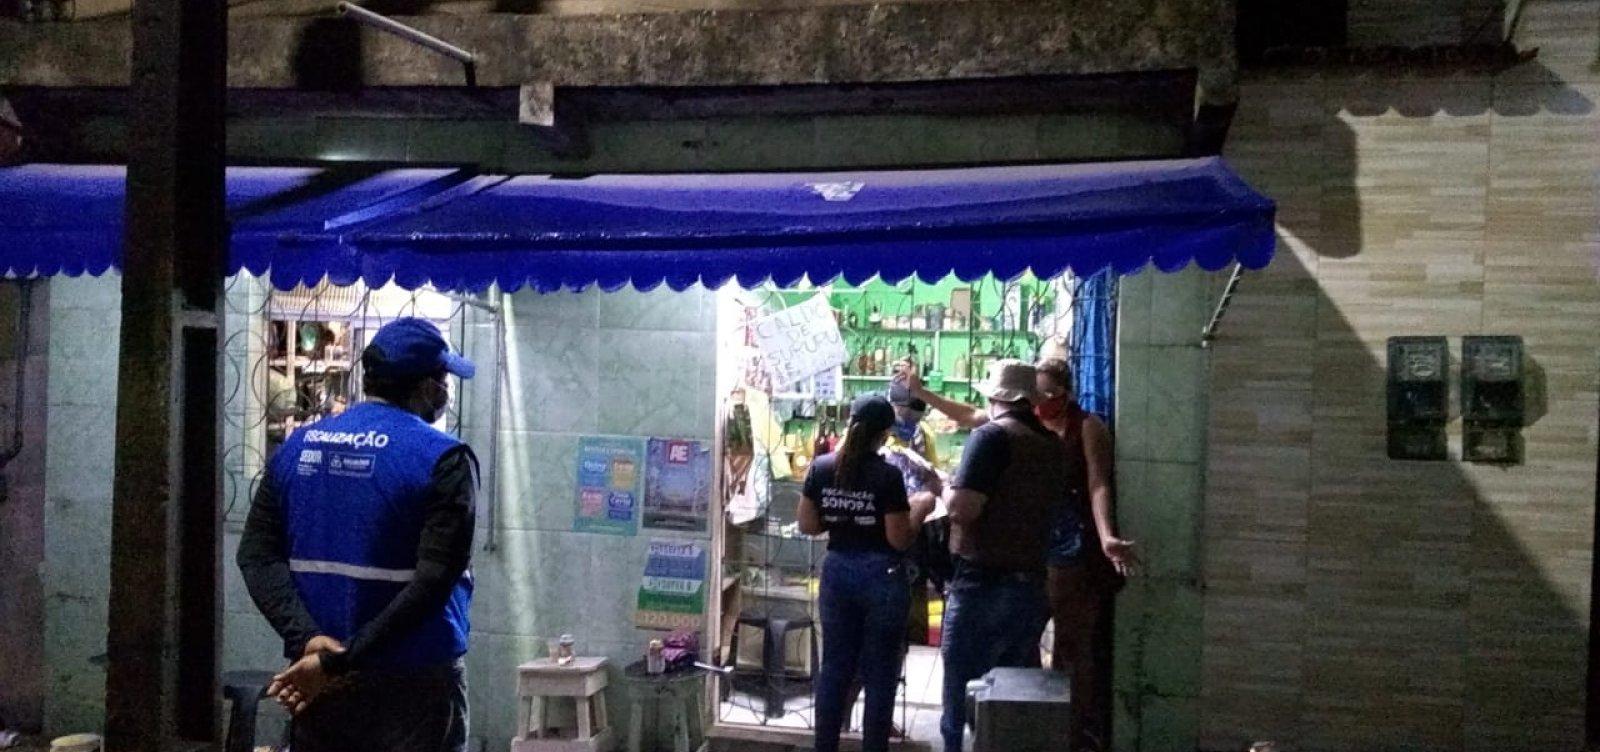 Força-tarefa interdita 24 estabelecimentos e dispersa 16 aglomerações em Salvador